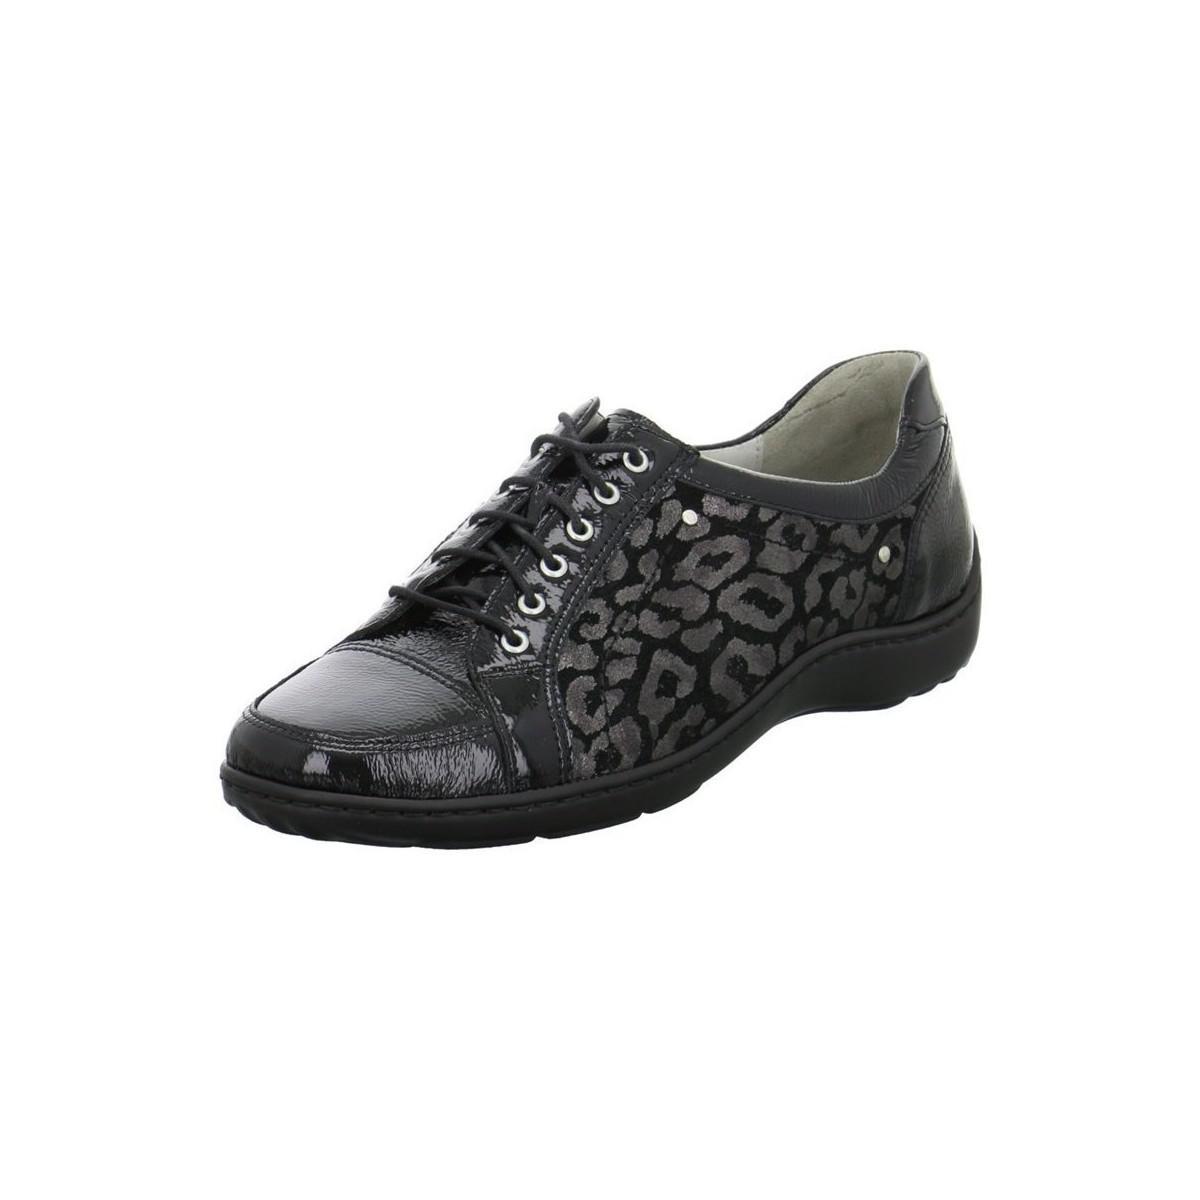 Chaussures Waldläufer Hassi Klett y6Tw2uRB6